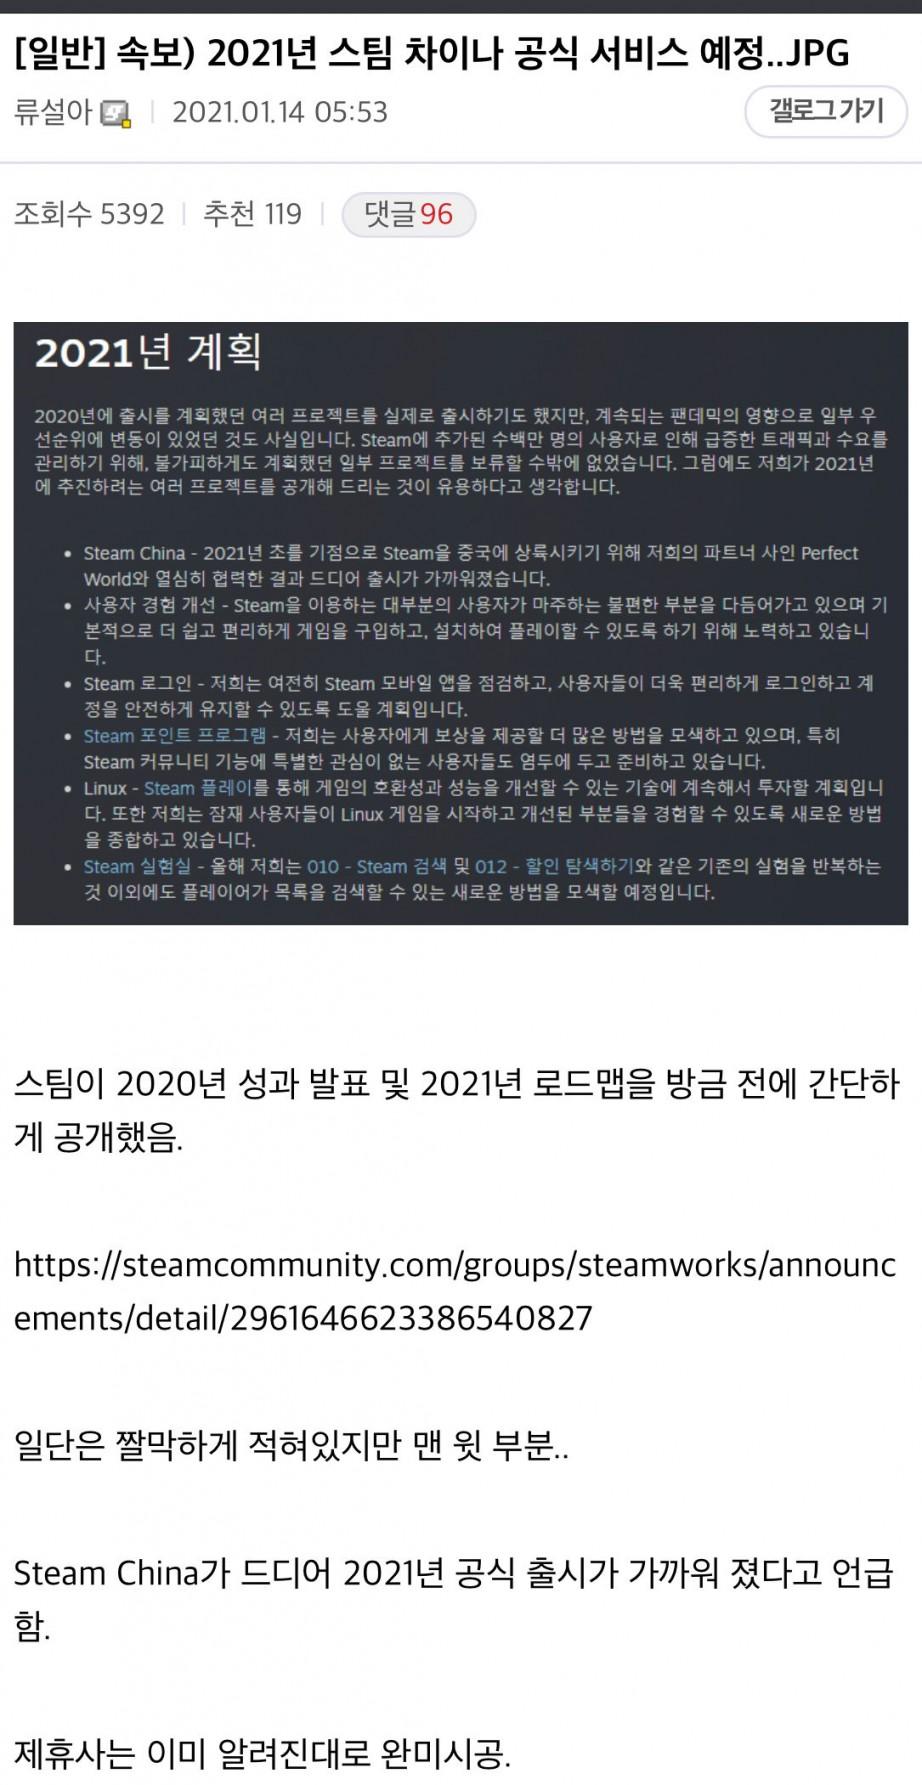 스팀 차이나 공식 서비스 예정 - 꾸르